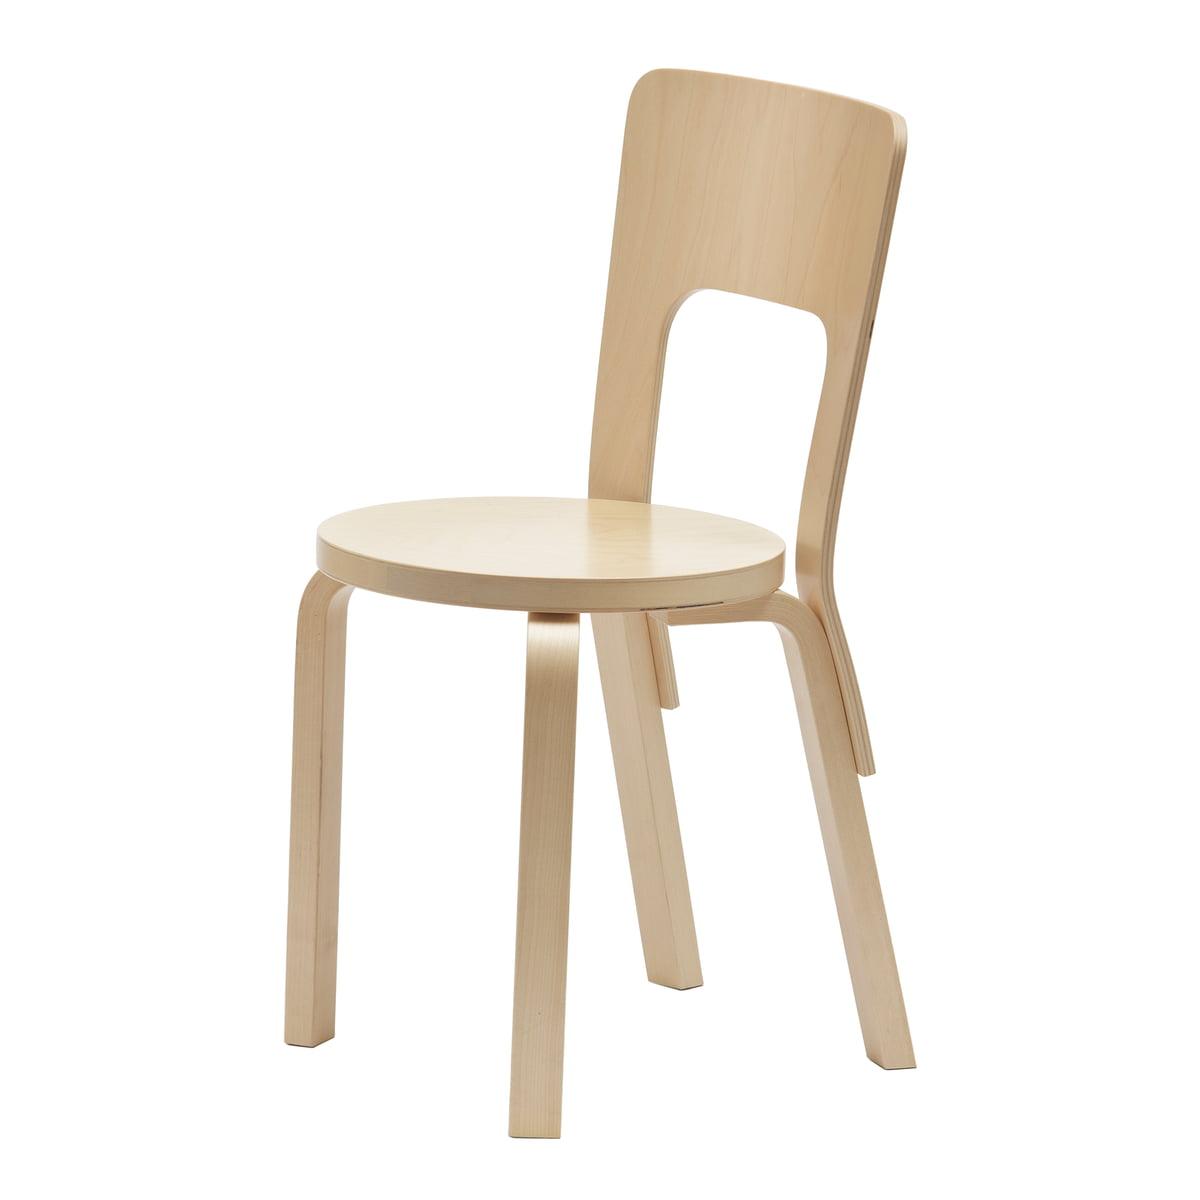 Stuhl 66 von Artek im Shop kaufen